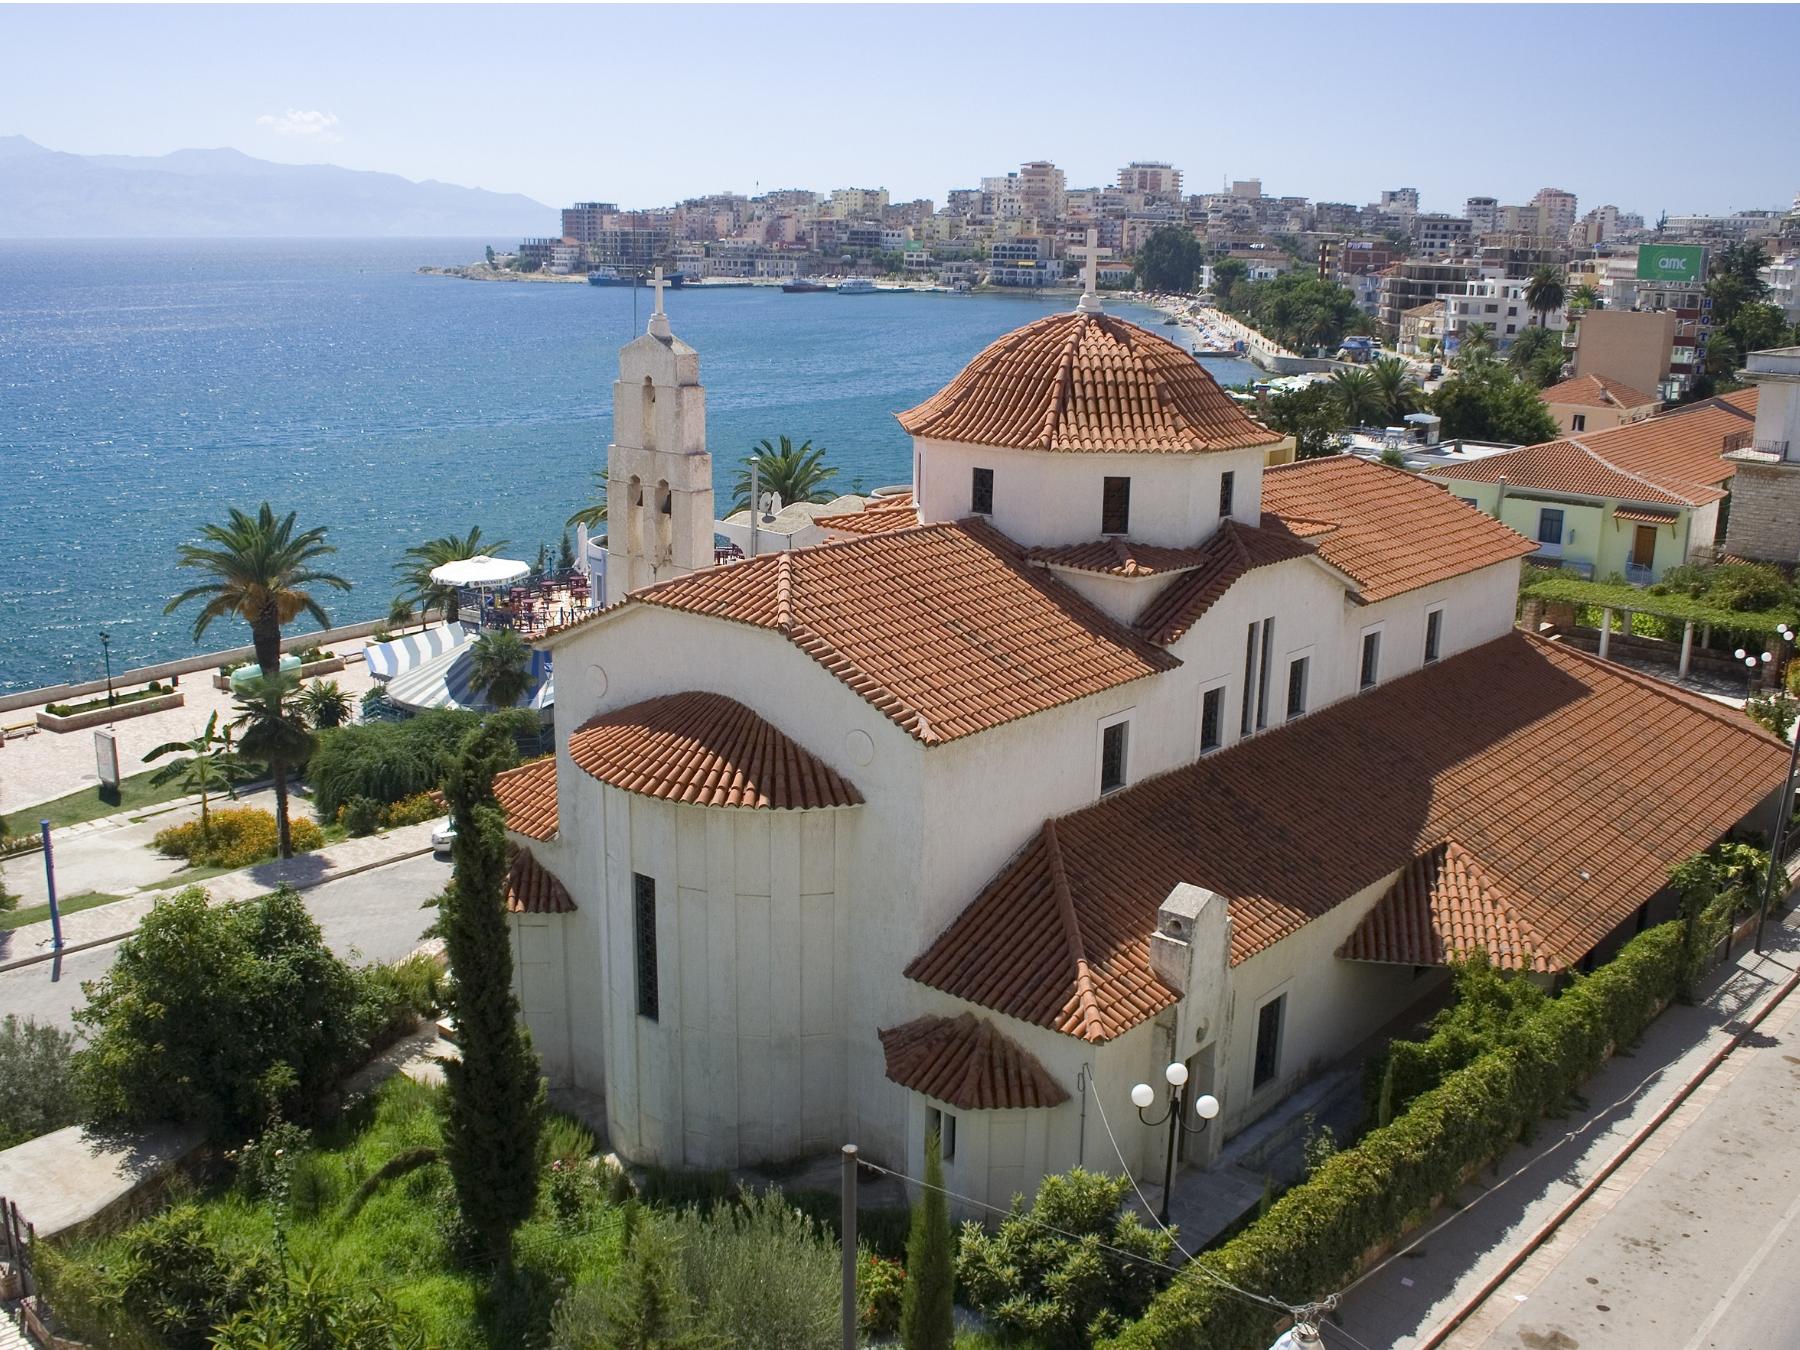 15-melhores-lugares-para-viajar-esse-ano-2019-albania 15 melhores lugares para viajar (melhor custo)